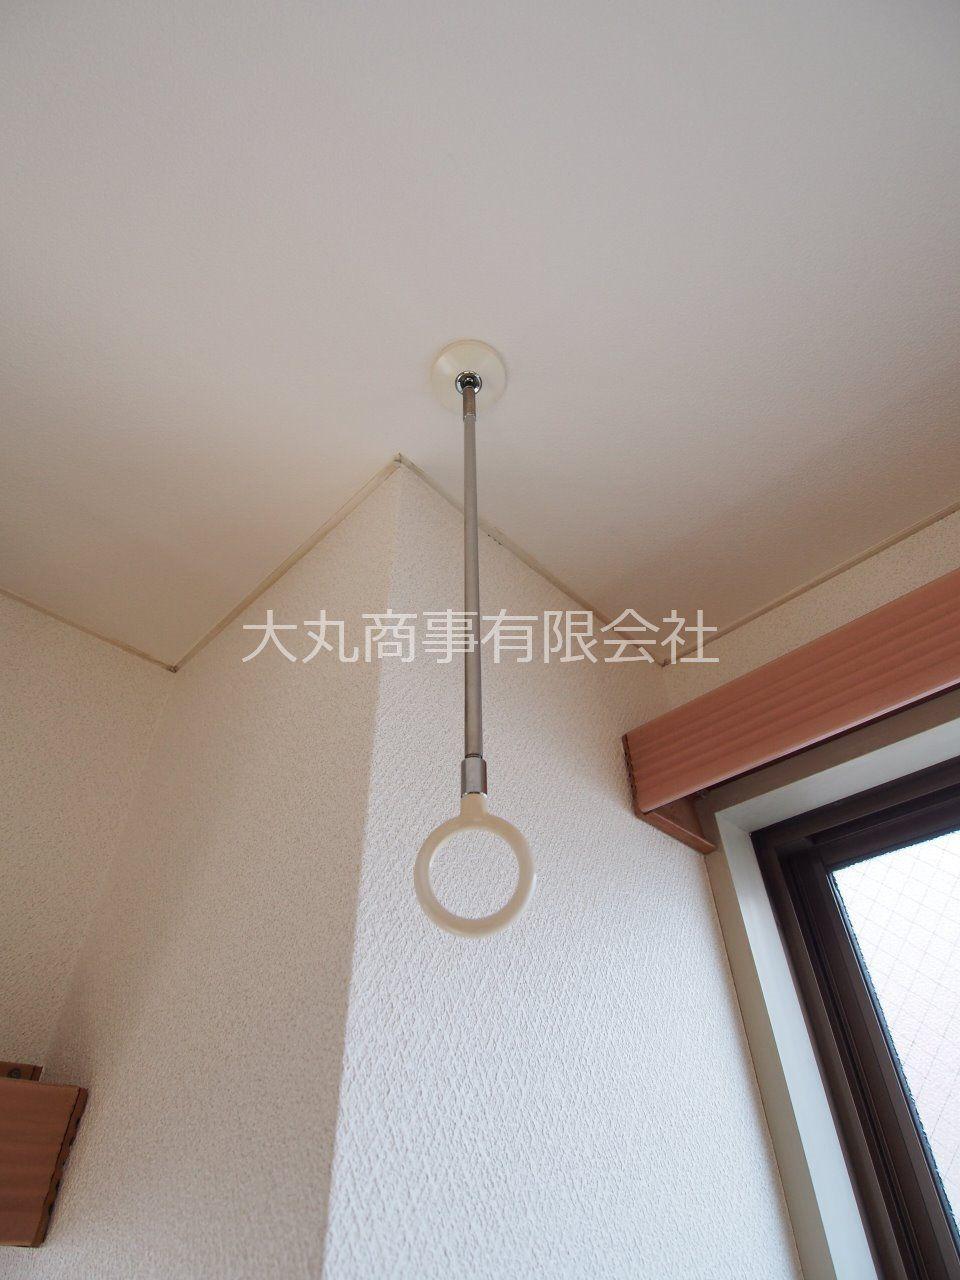 竿を通せば室内干しが可能